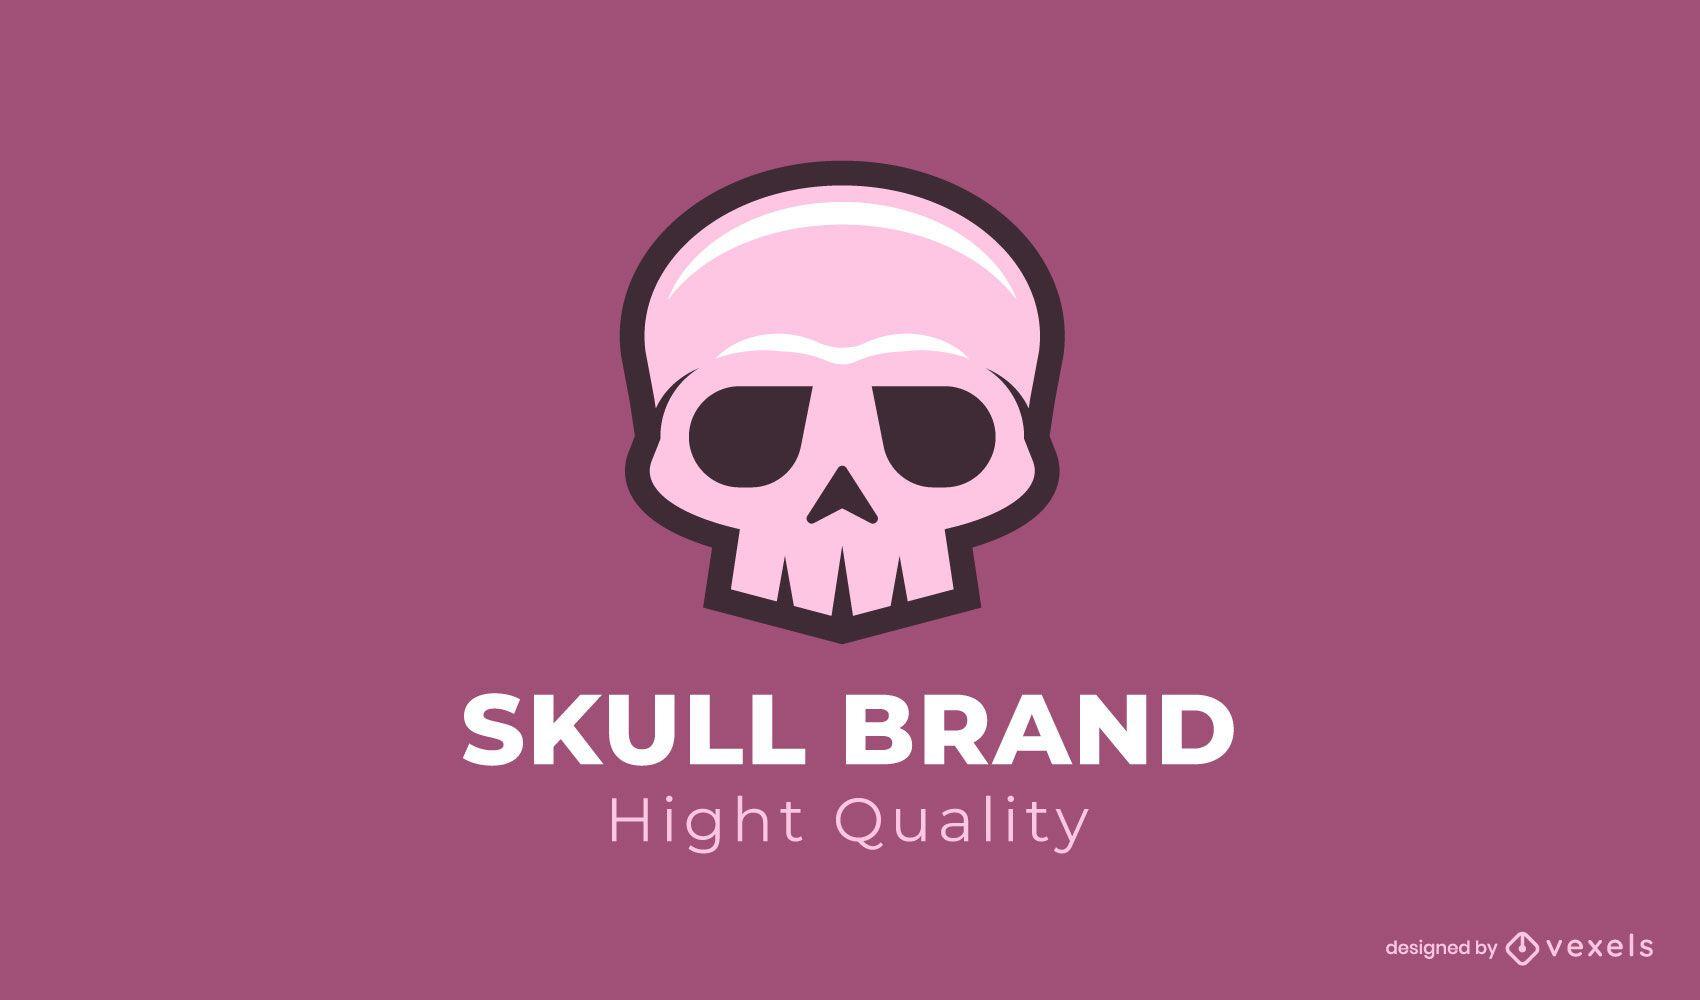 Skull brand logo template